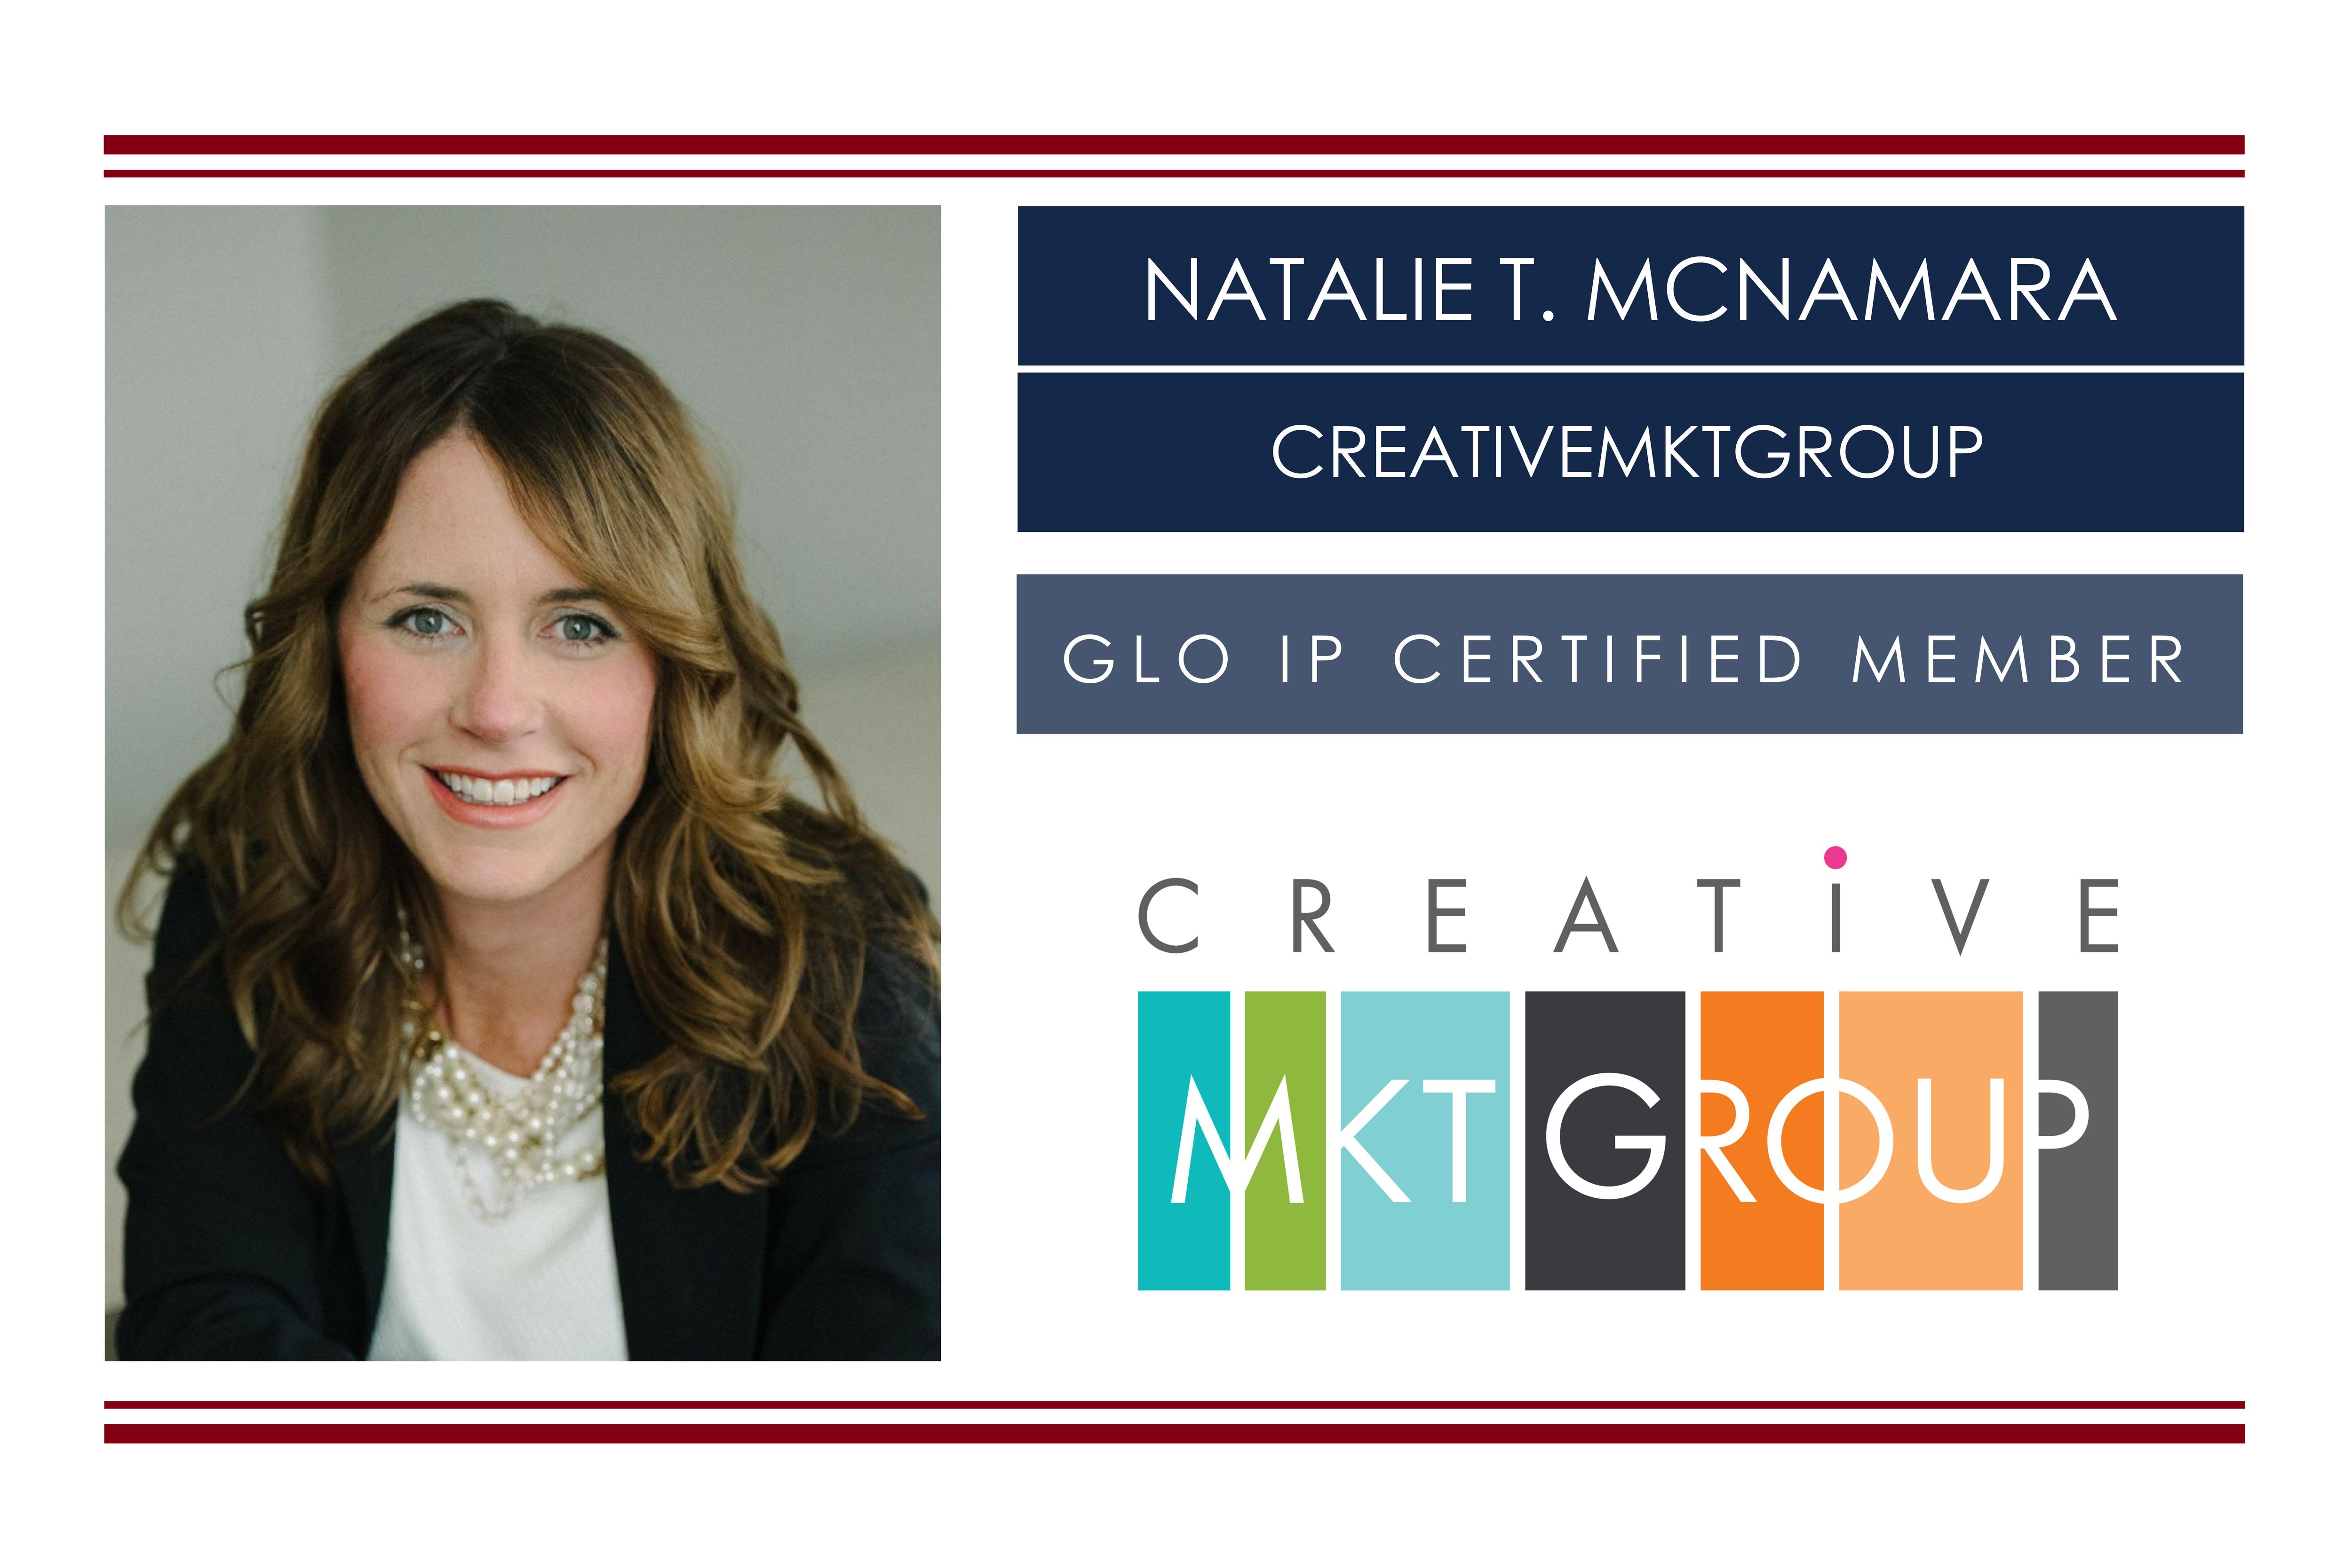 Natalie_GLO IP Certified Member (1)